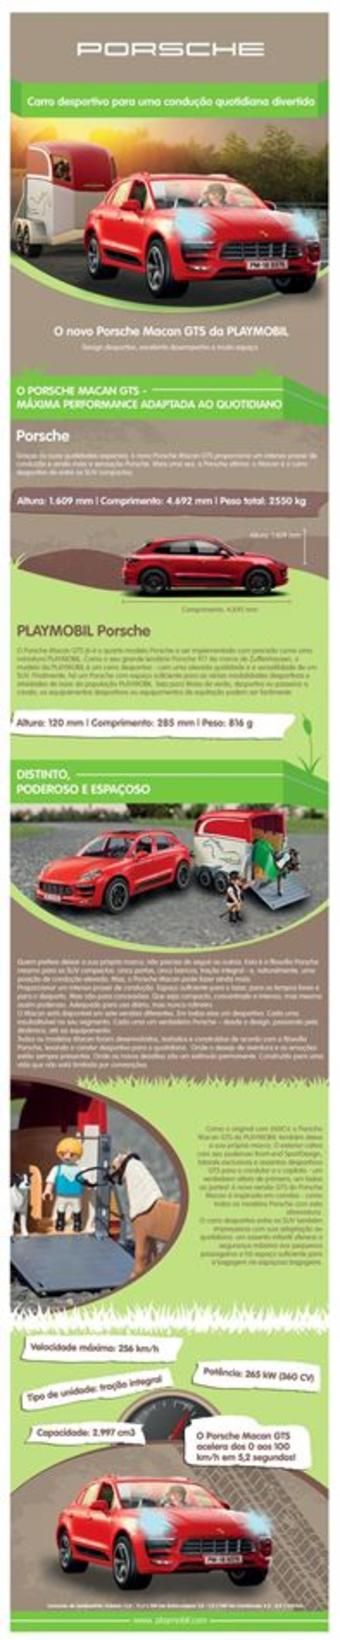 Playmobil folheto promocional (válido de 10 ate 17 31-05)